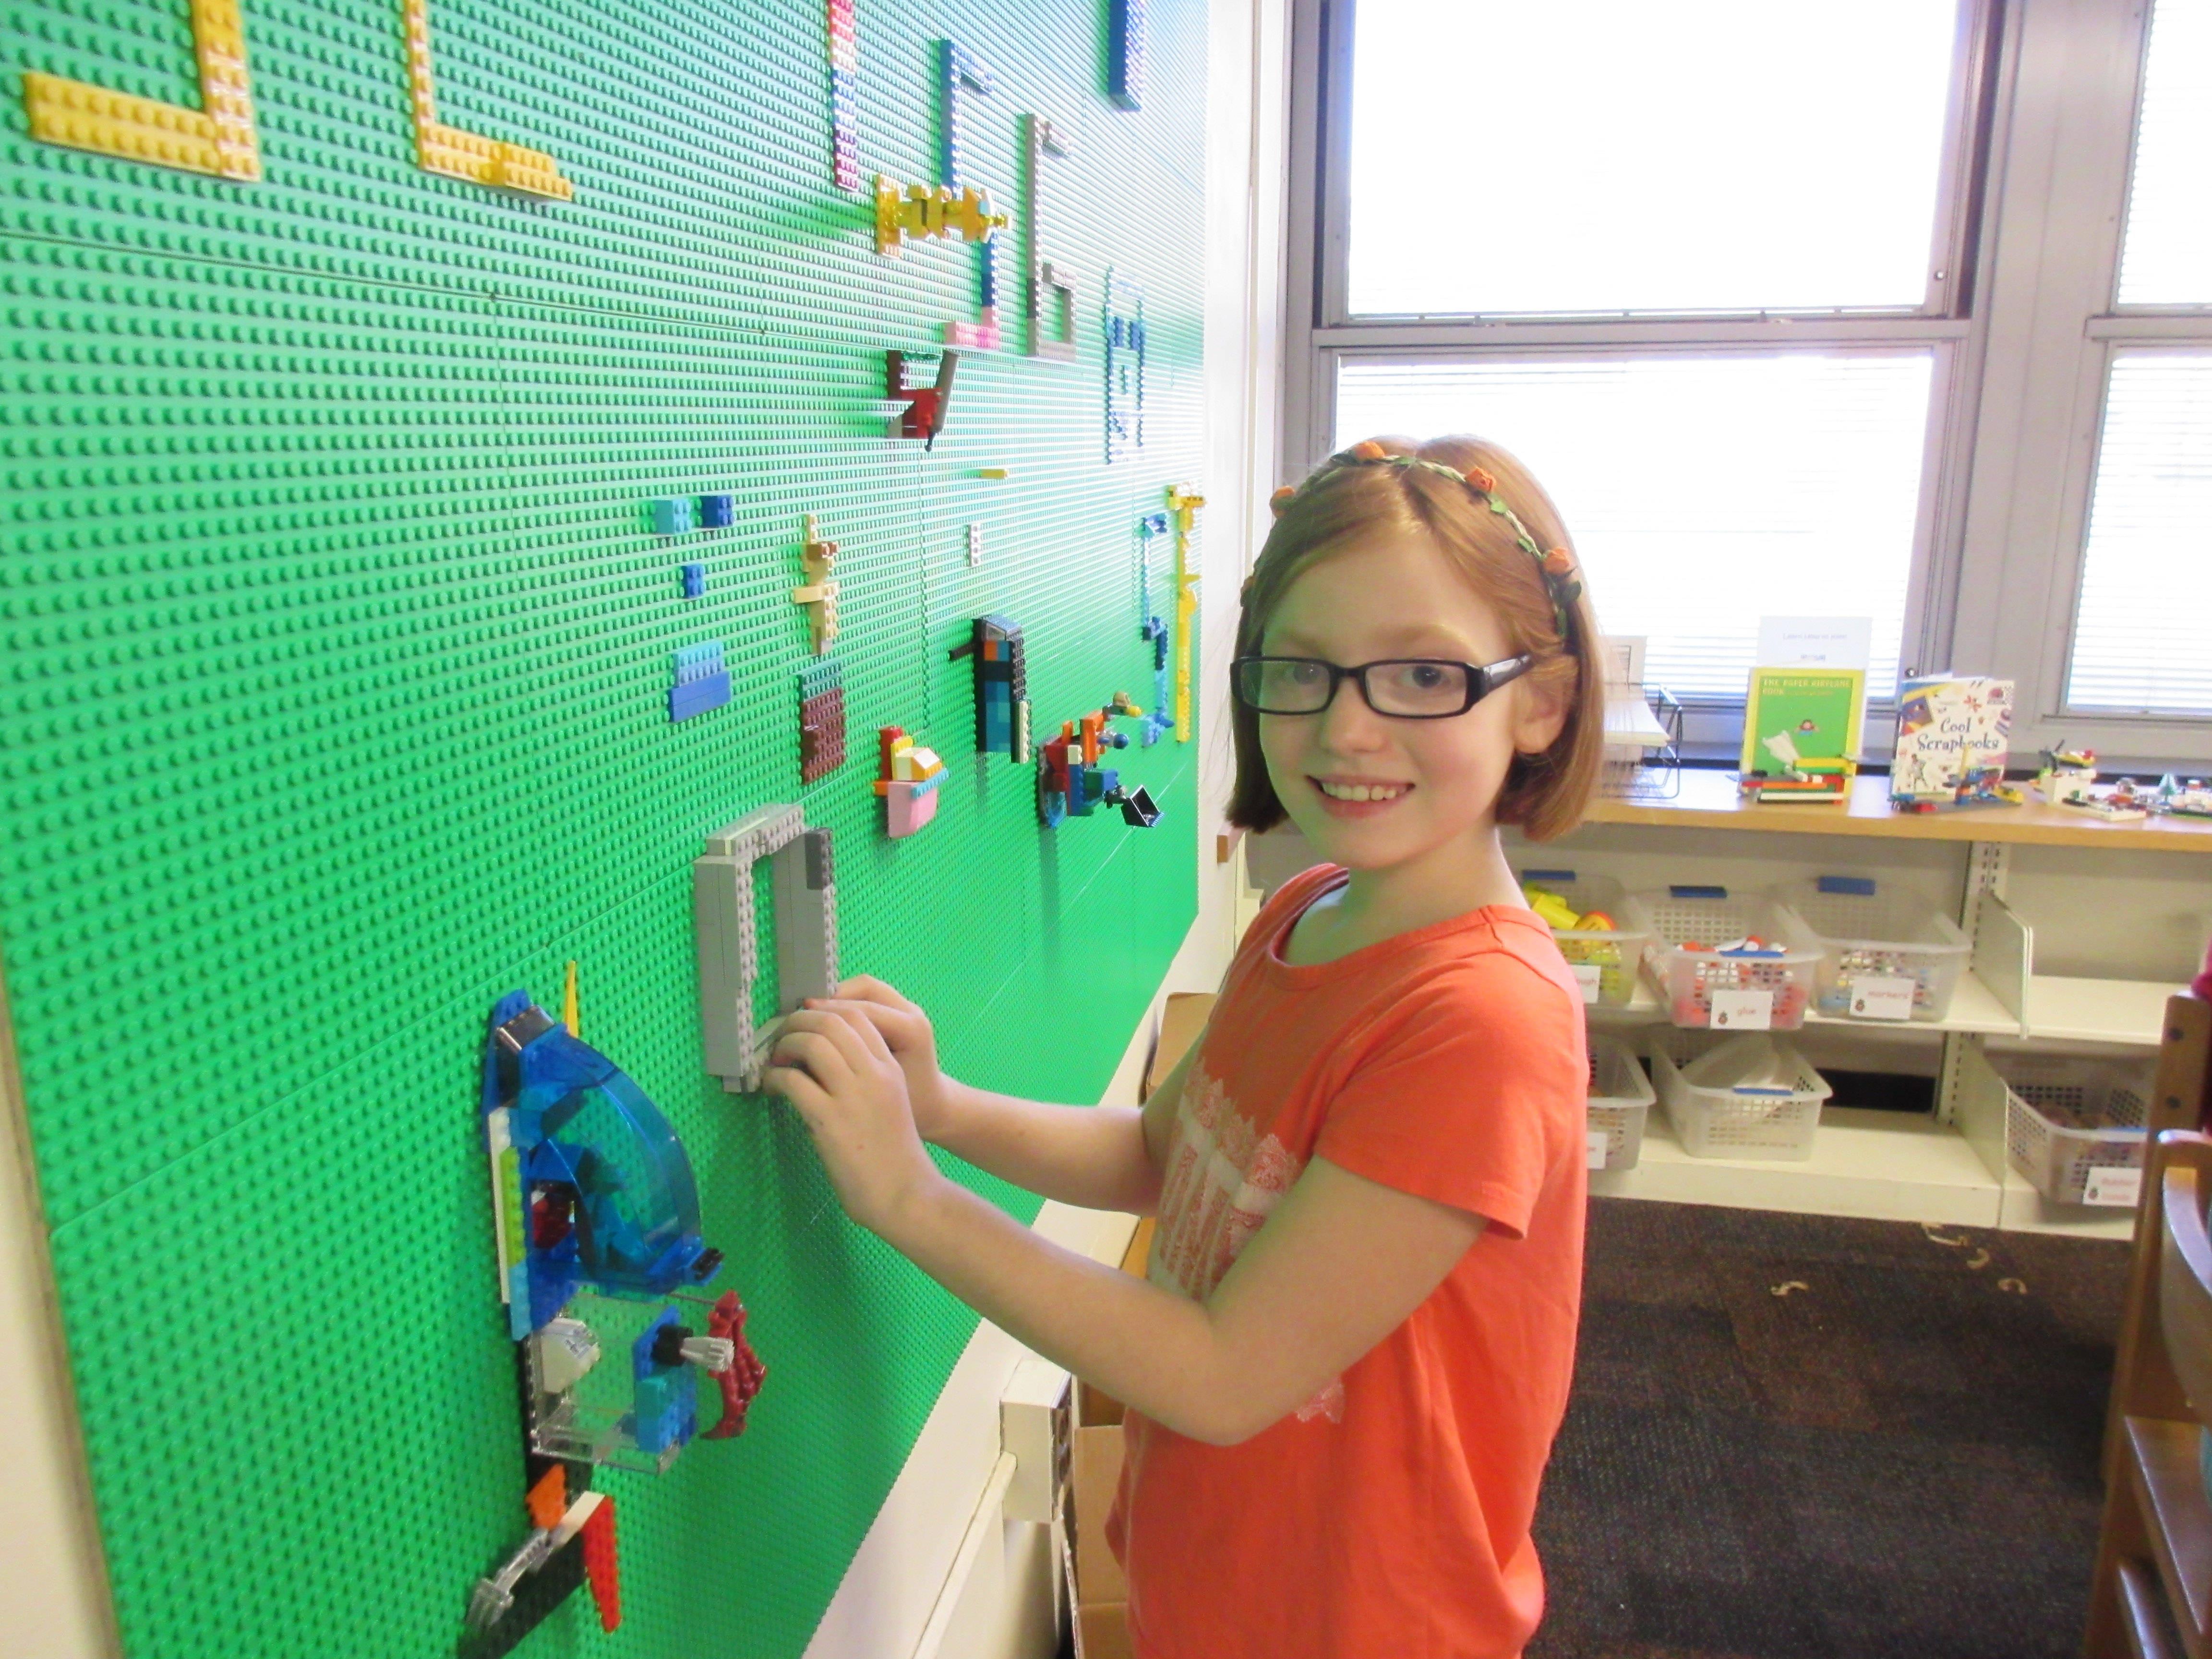 0d378058c71b53fa465d_Tamaques__Maker_Space_Lego_Wall__2_.jpg